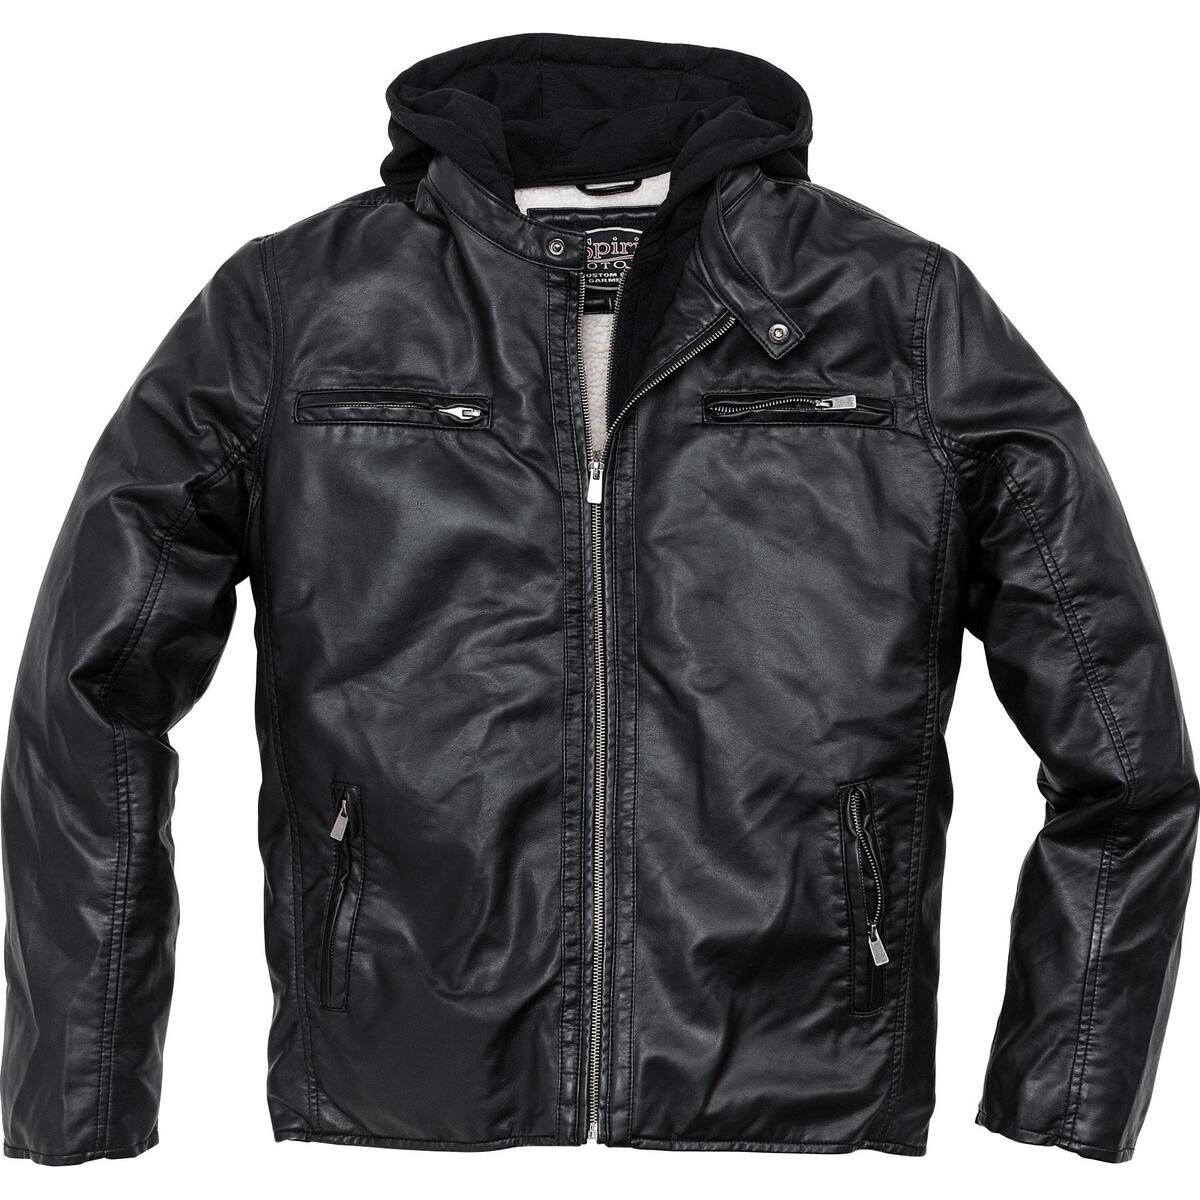 Bild 2 von Spirit Motors Freizeit-Urban Jacke 1.0 schwarz Herren Größe M